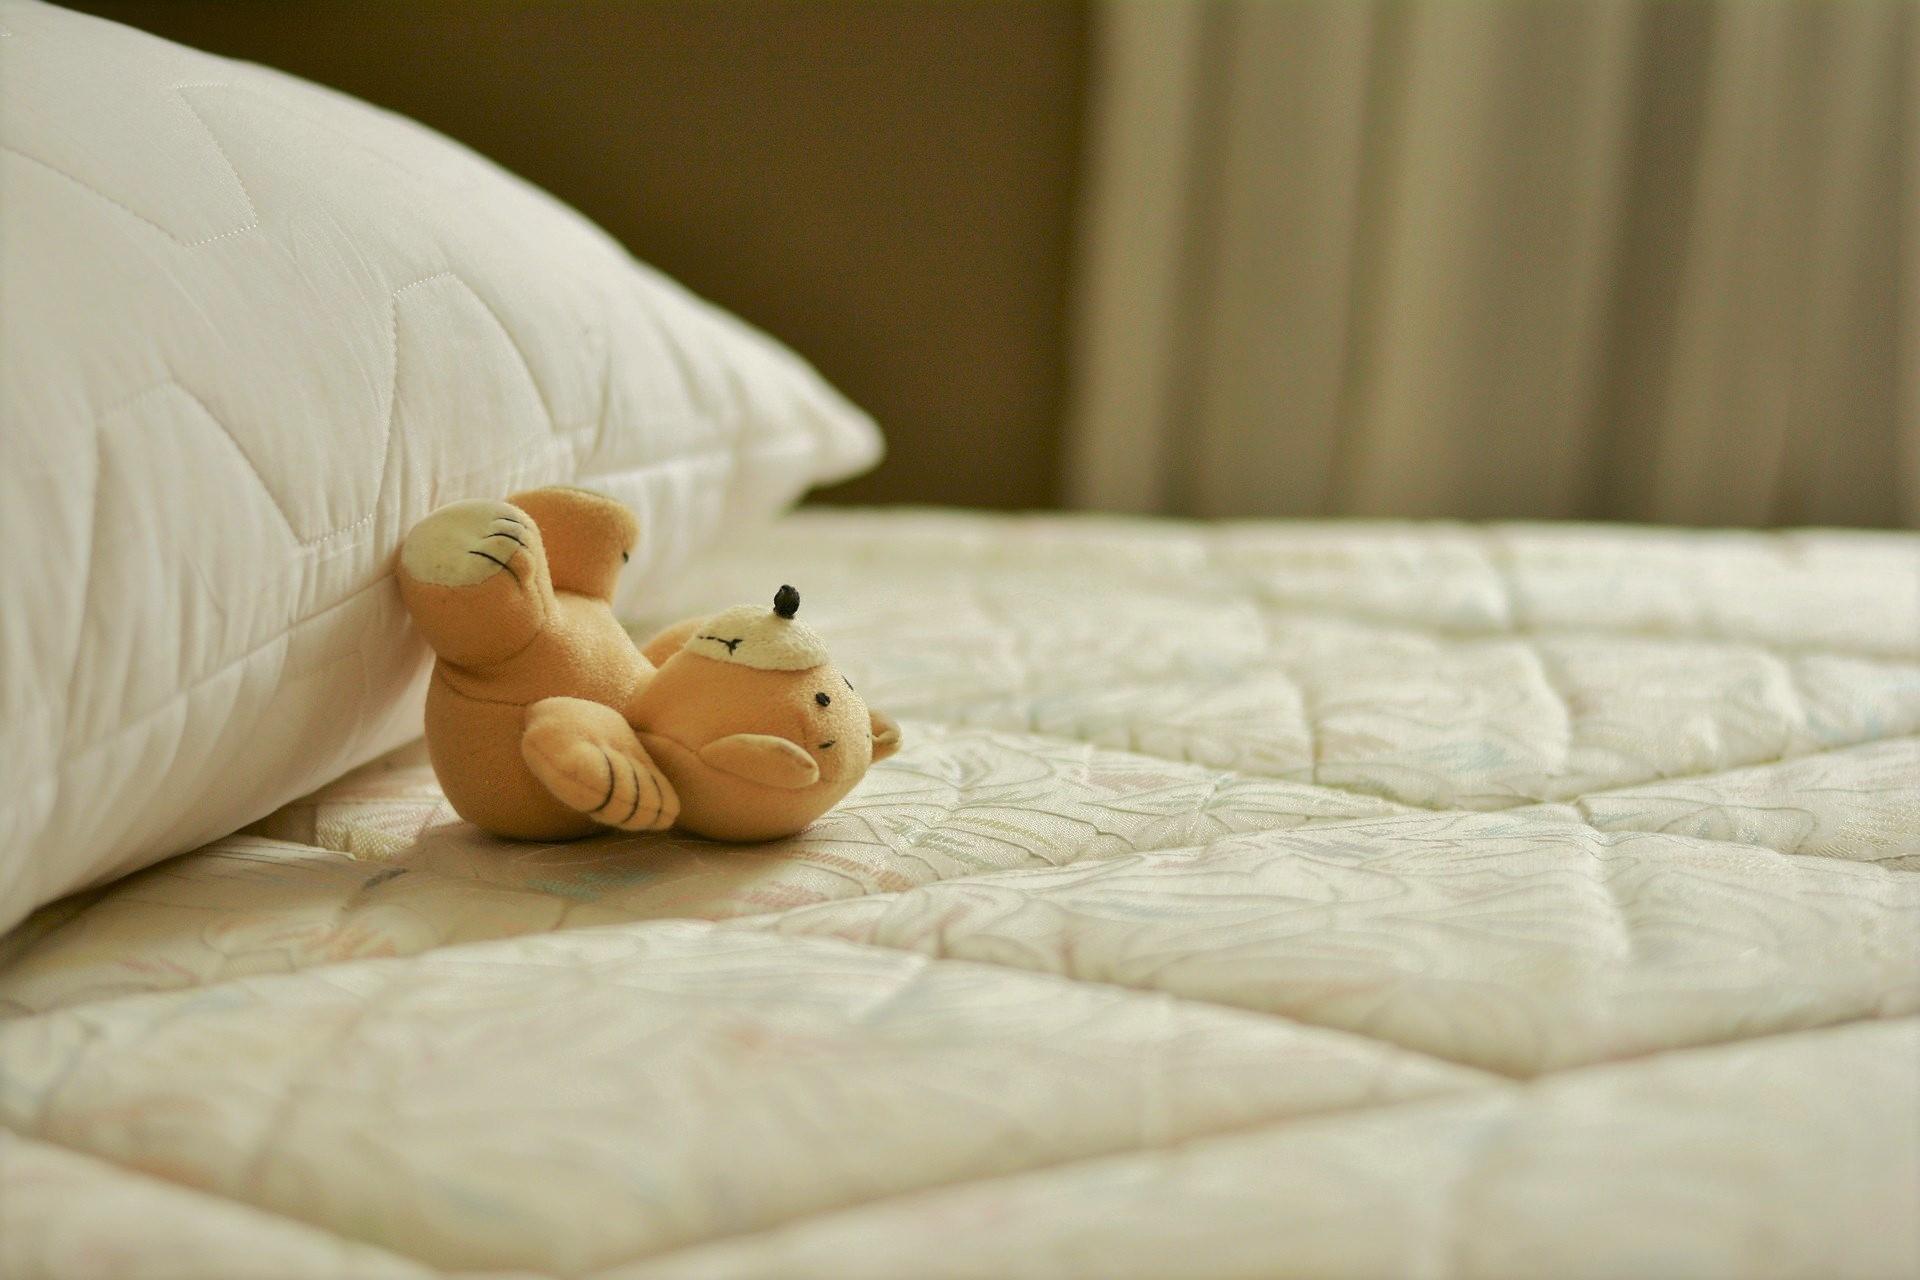 Persönlichkeitsentwicklung anfangen Bett